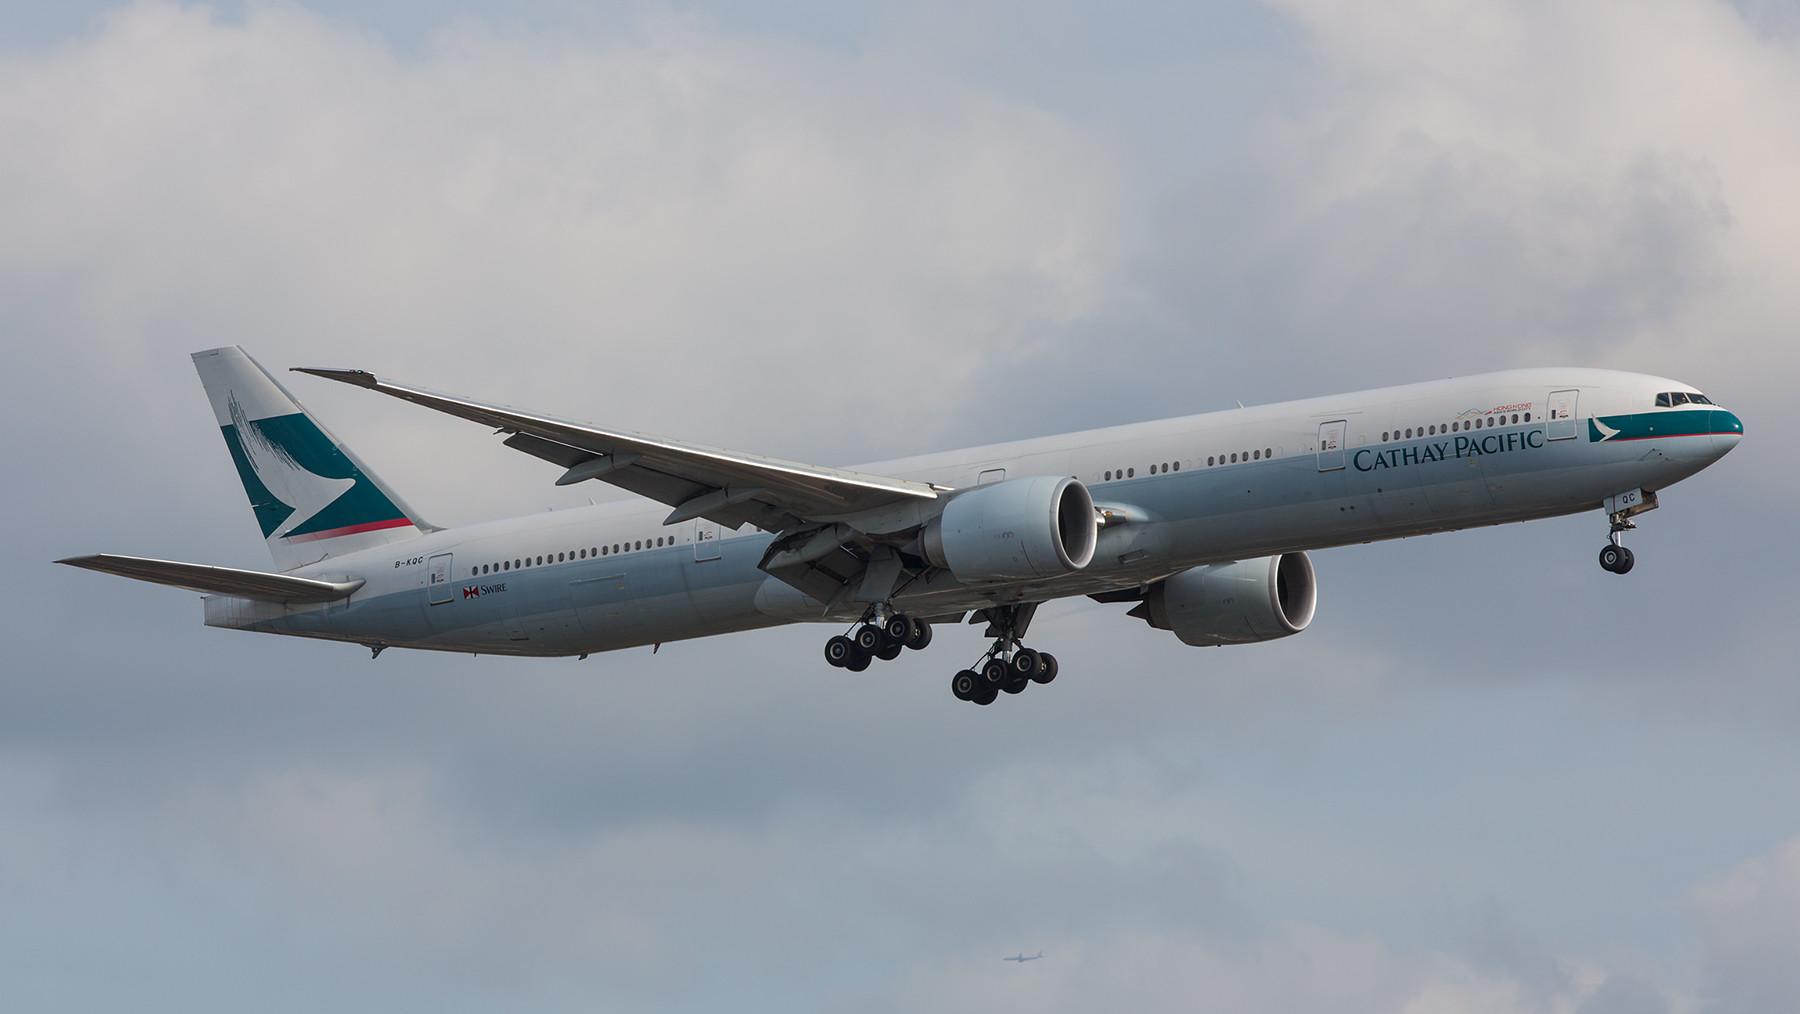 Die Cathay Pacific ist eine der bedeutensten Airlines aus Asien, sie wurde noch unter britischer Herrschaft zum Weltkonzern.